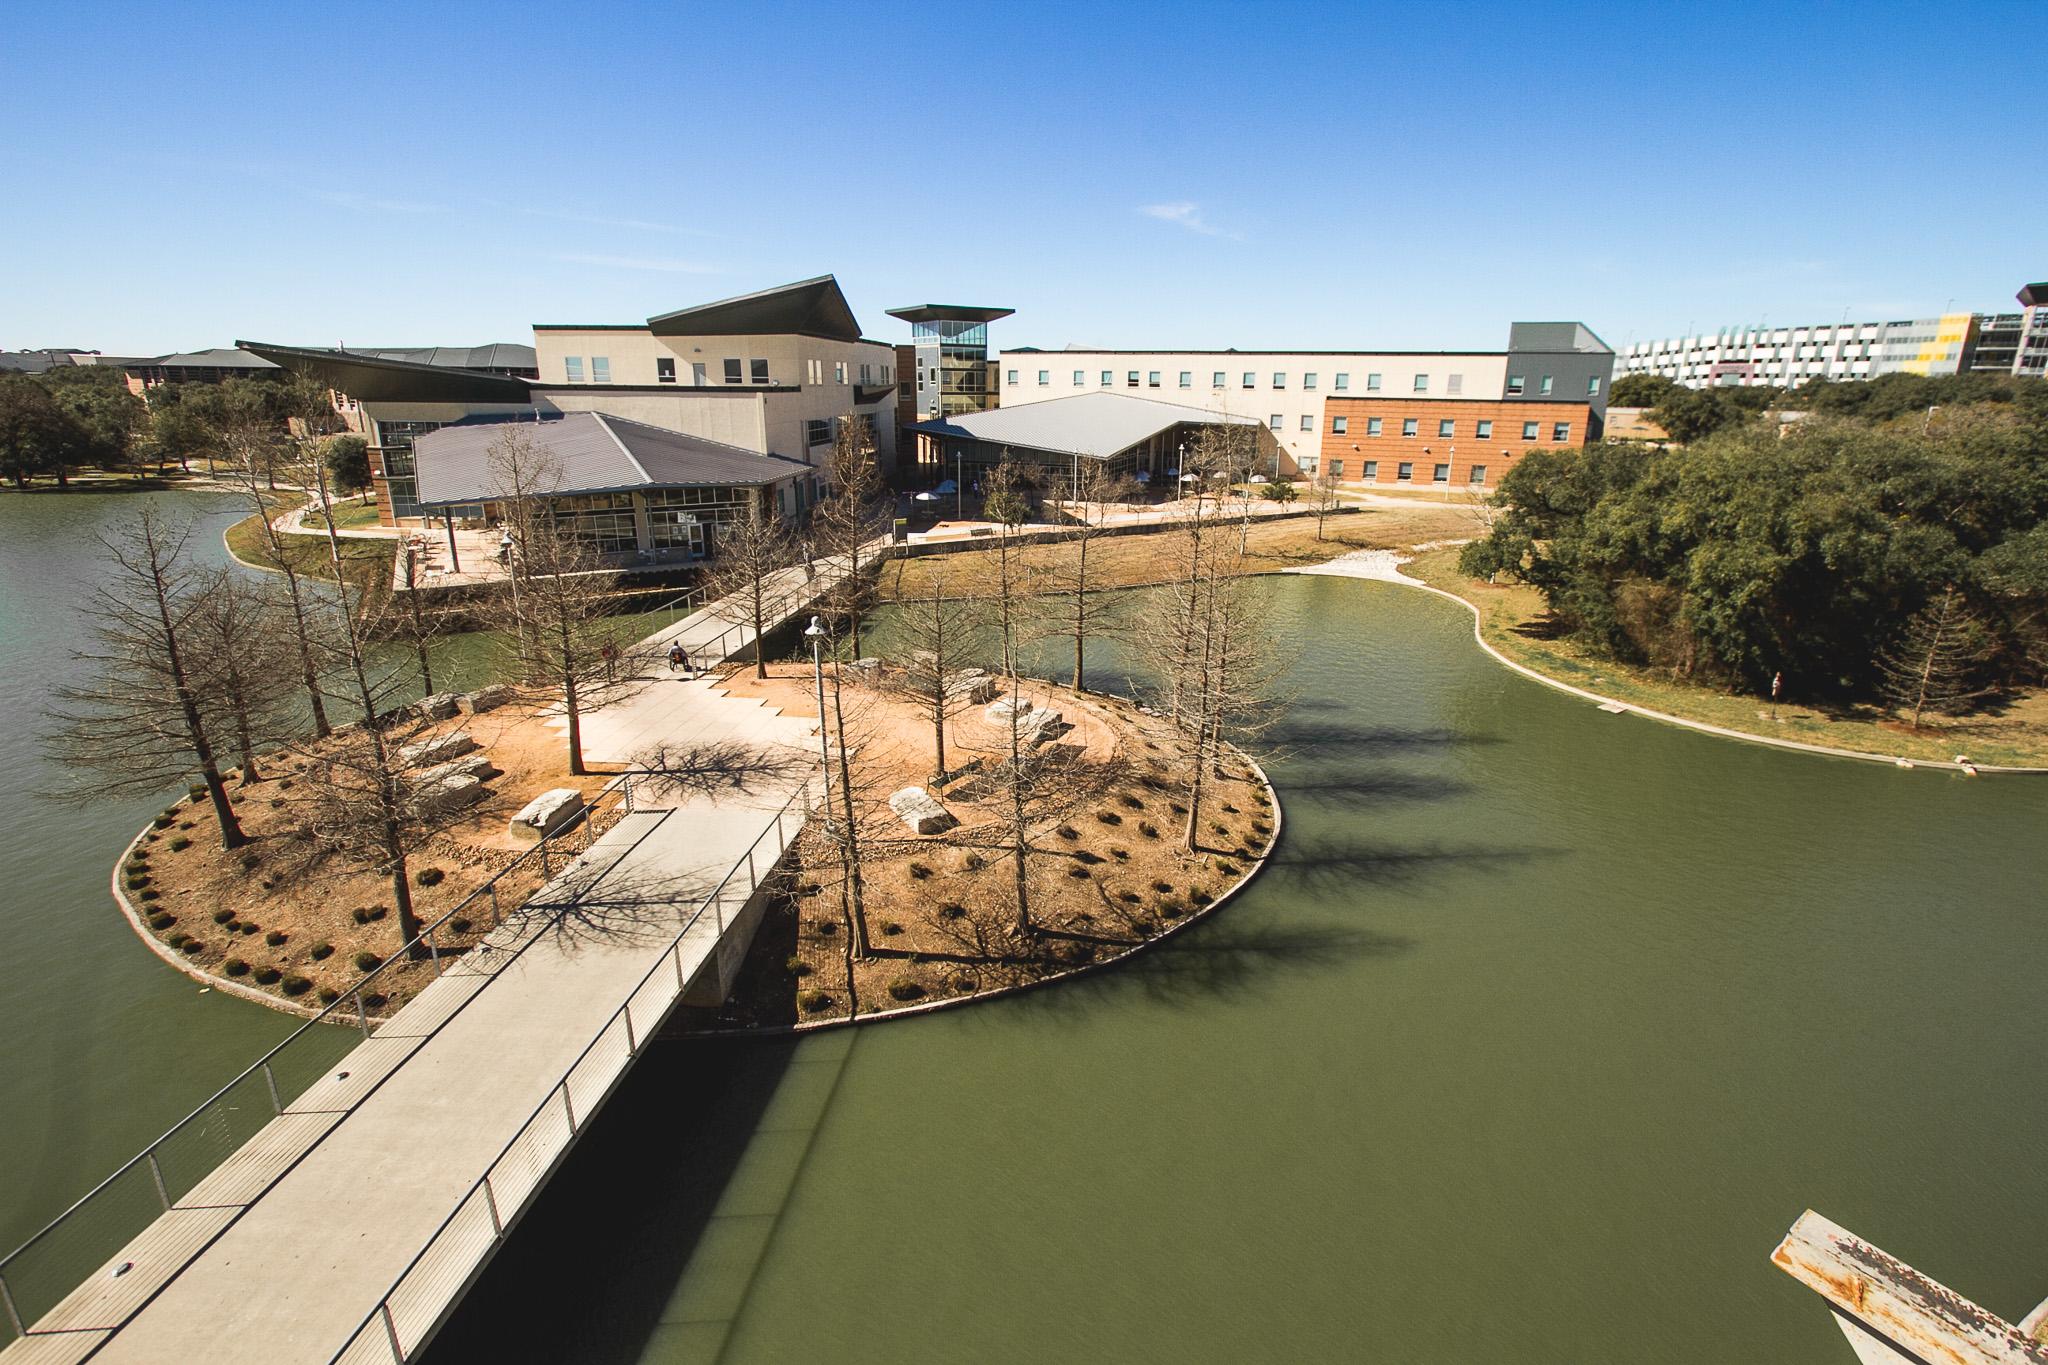 Northwest Vista College In San Antonio On Short List For